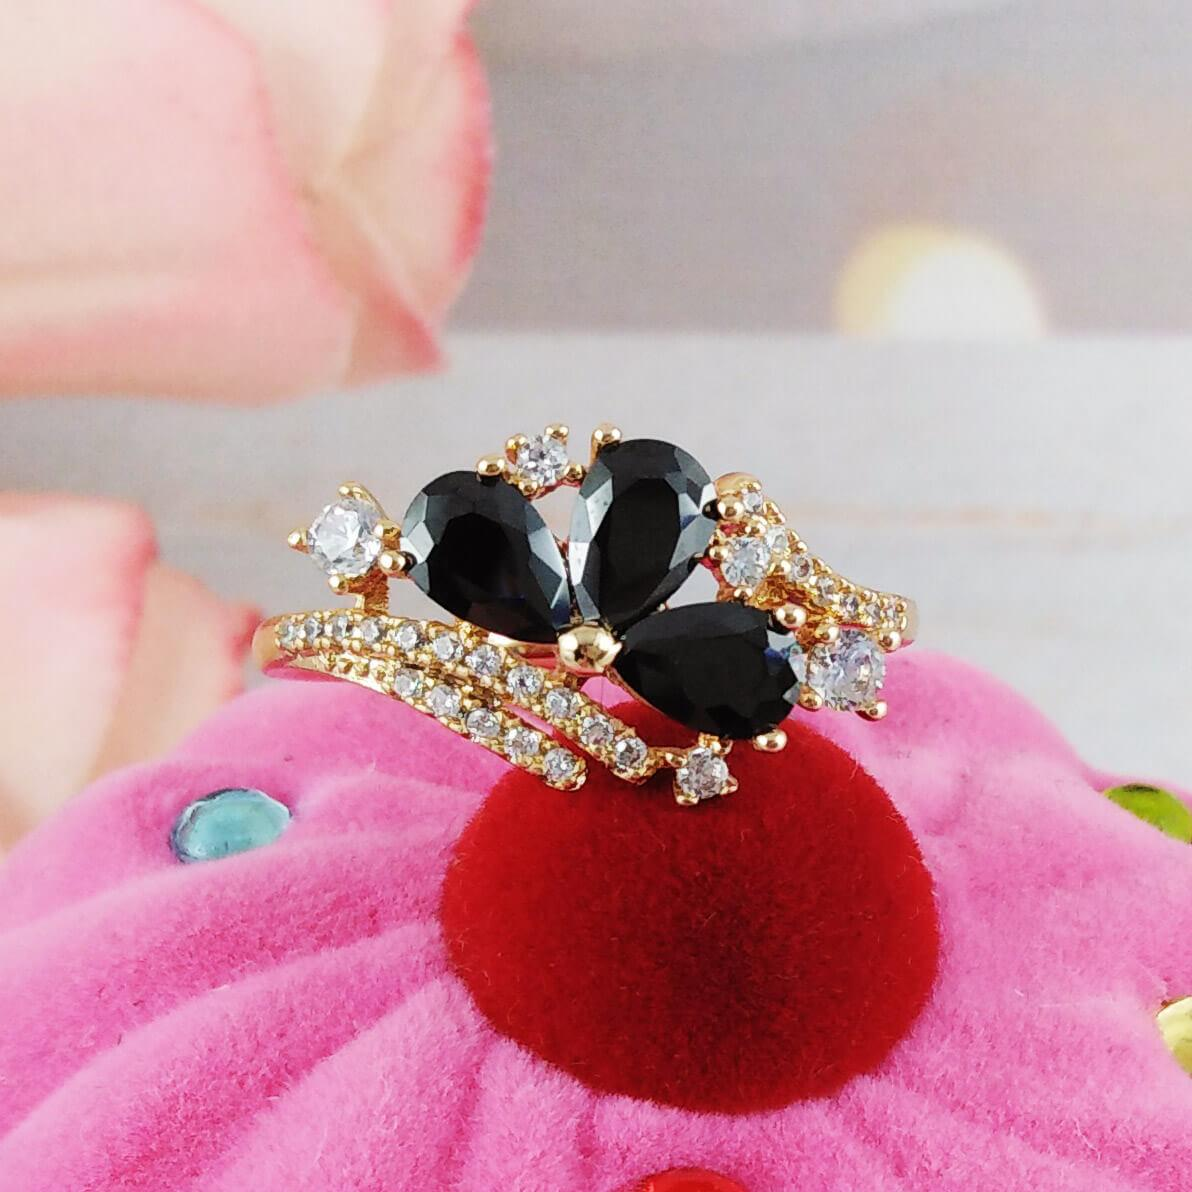 Кольцо Xuping Jewelry размер 18 Джулия, черные камни медицинское золото позолота 18К. А/В 4171